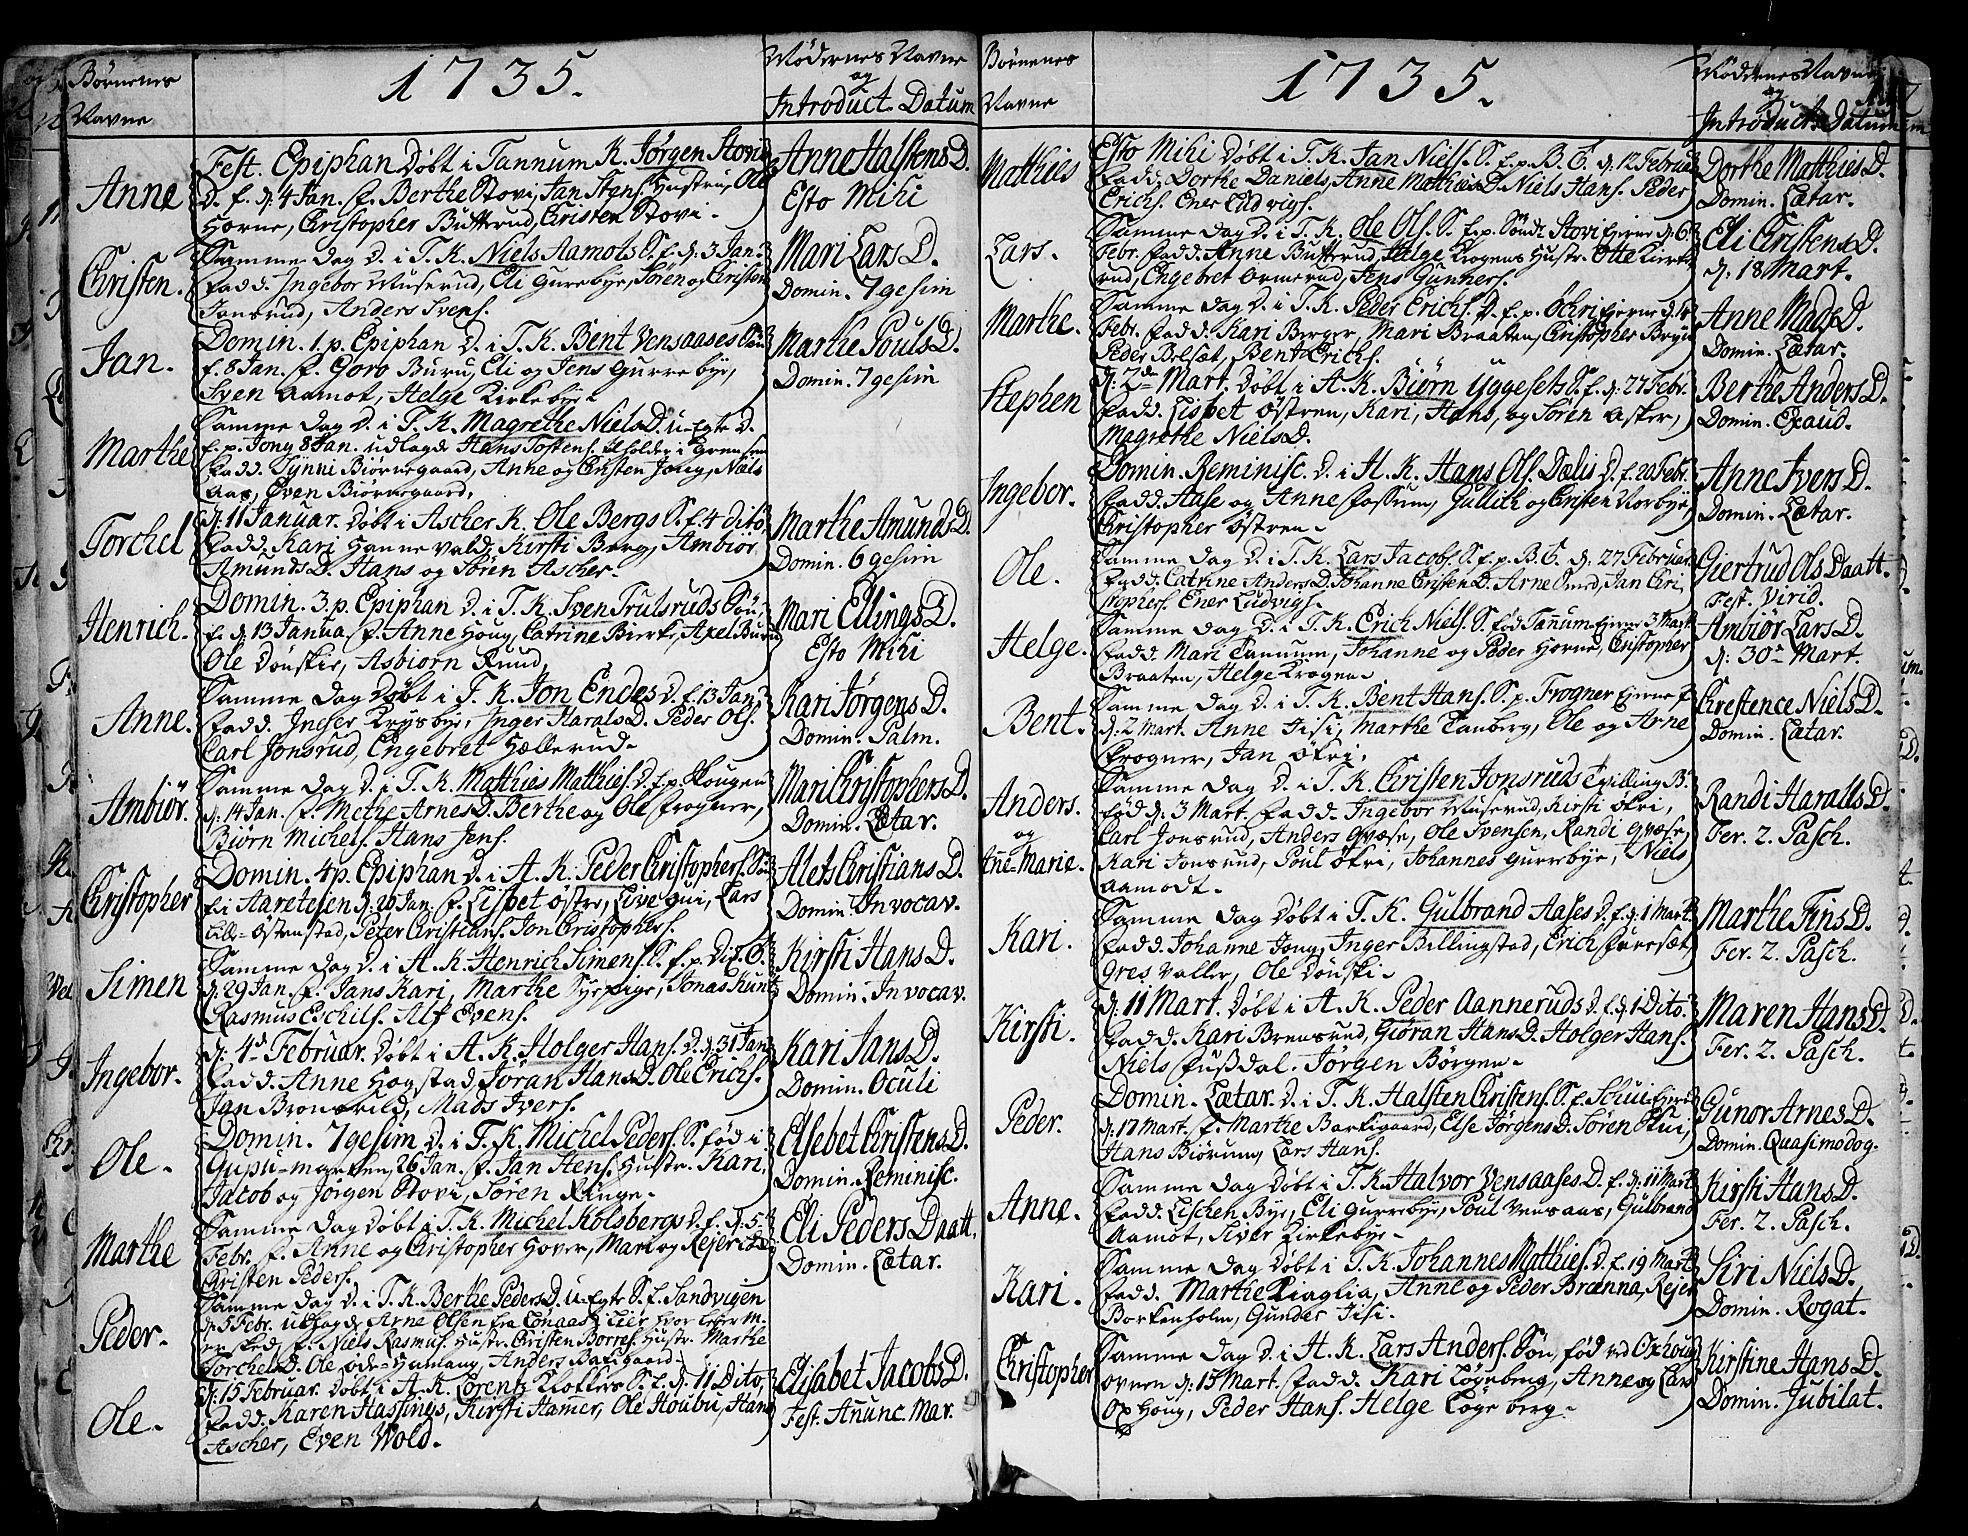 SAO, Asker prestekontor Kirkebøker, F/Fa/L0002: Ministerialbok nr. I 2, 1733-1766, s. 11